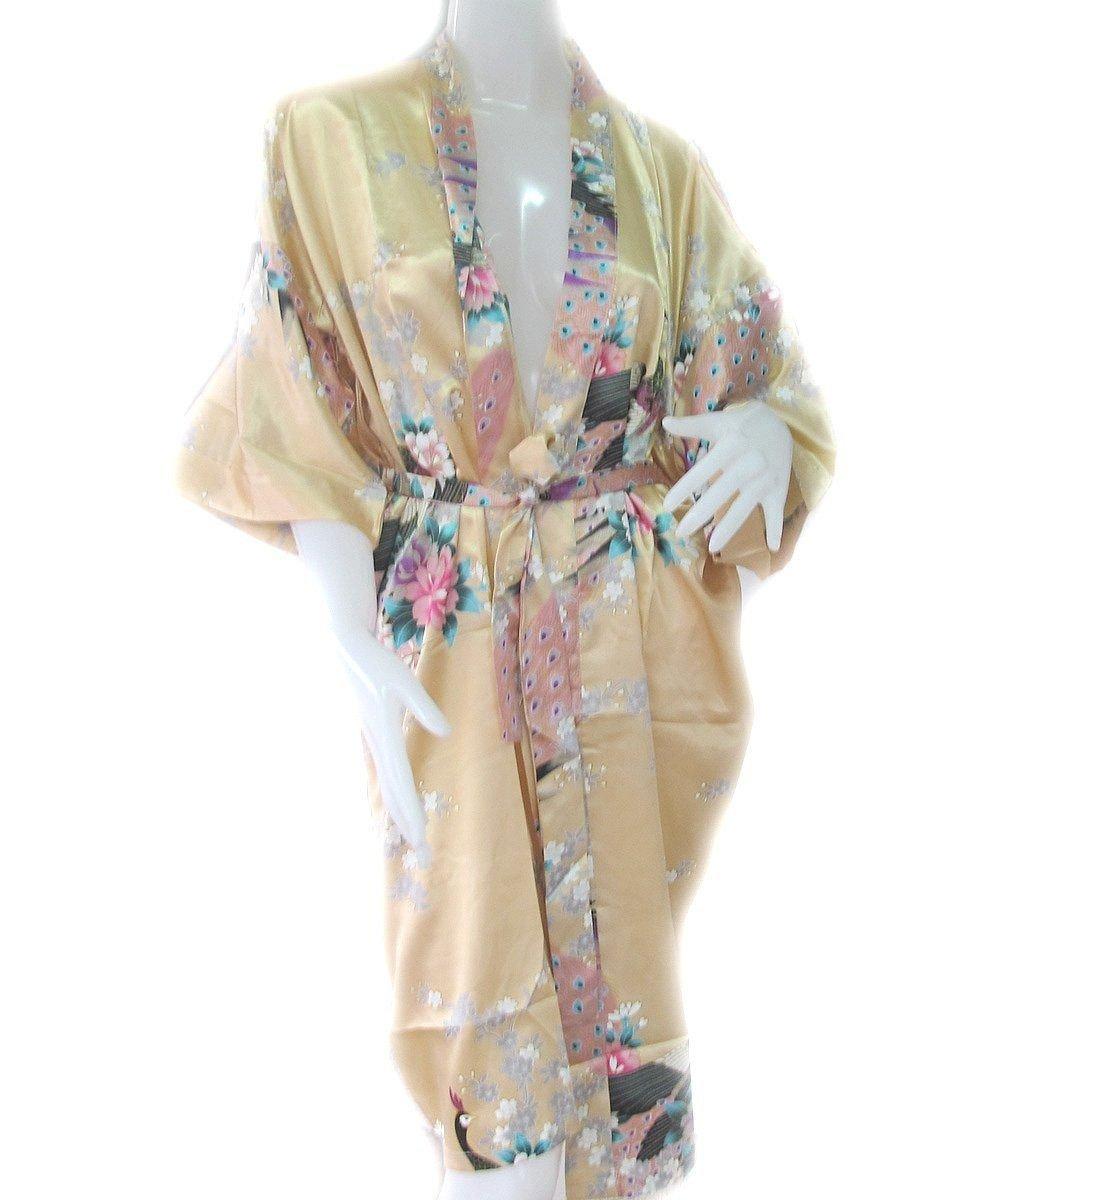 Thai Vintage Women's Gold Kimono Silk Satin Bath Wrap Robe Peacock Design 0